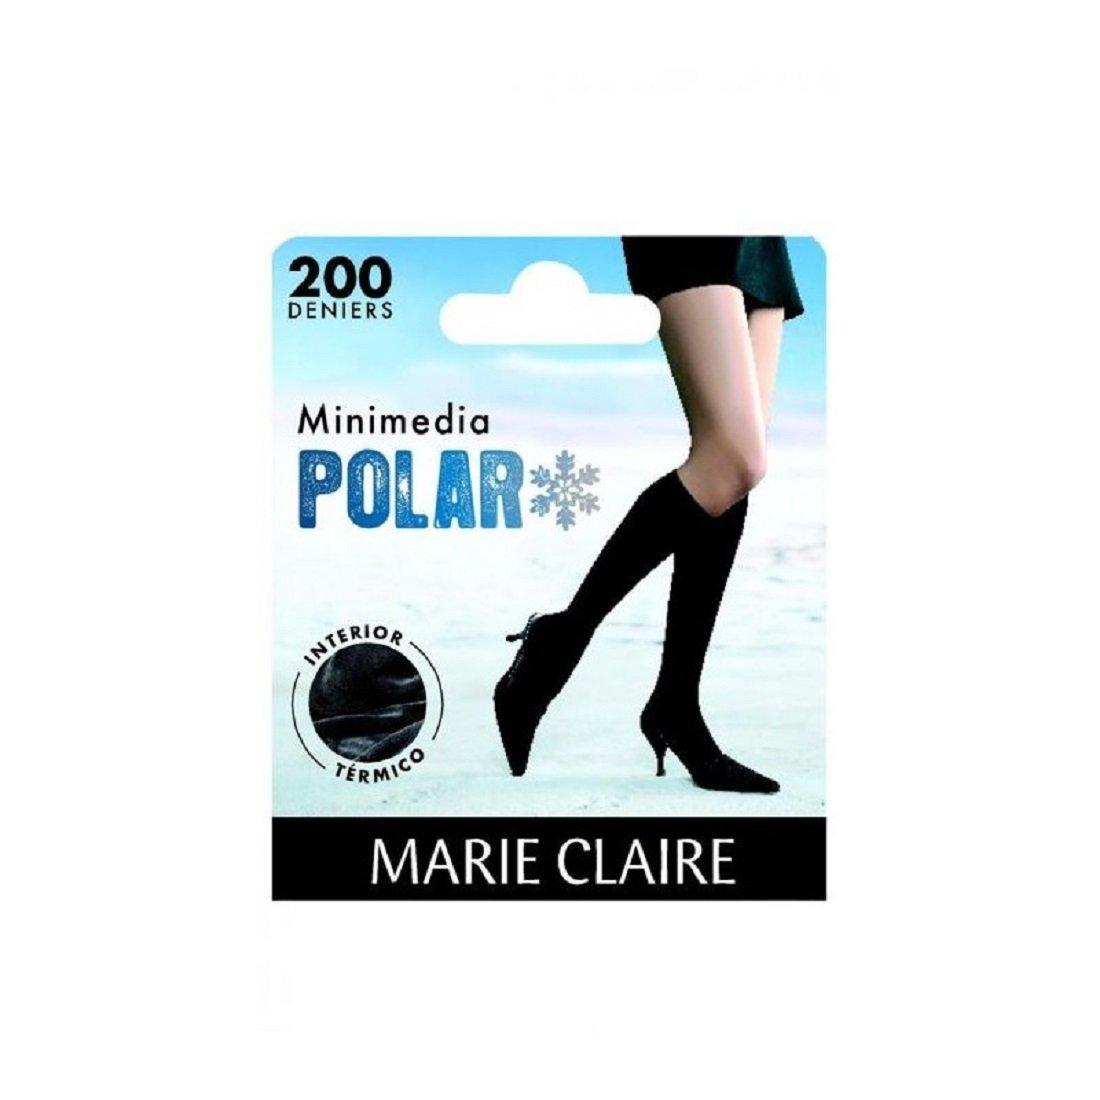 MARIE CLAIRE 2452 - mini media polar con interior termico 200 DEN (UNICA, GRIS): Amazon.es: Ropa y accesorios